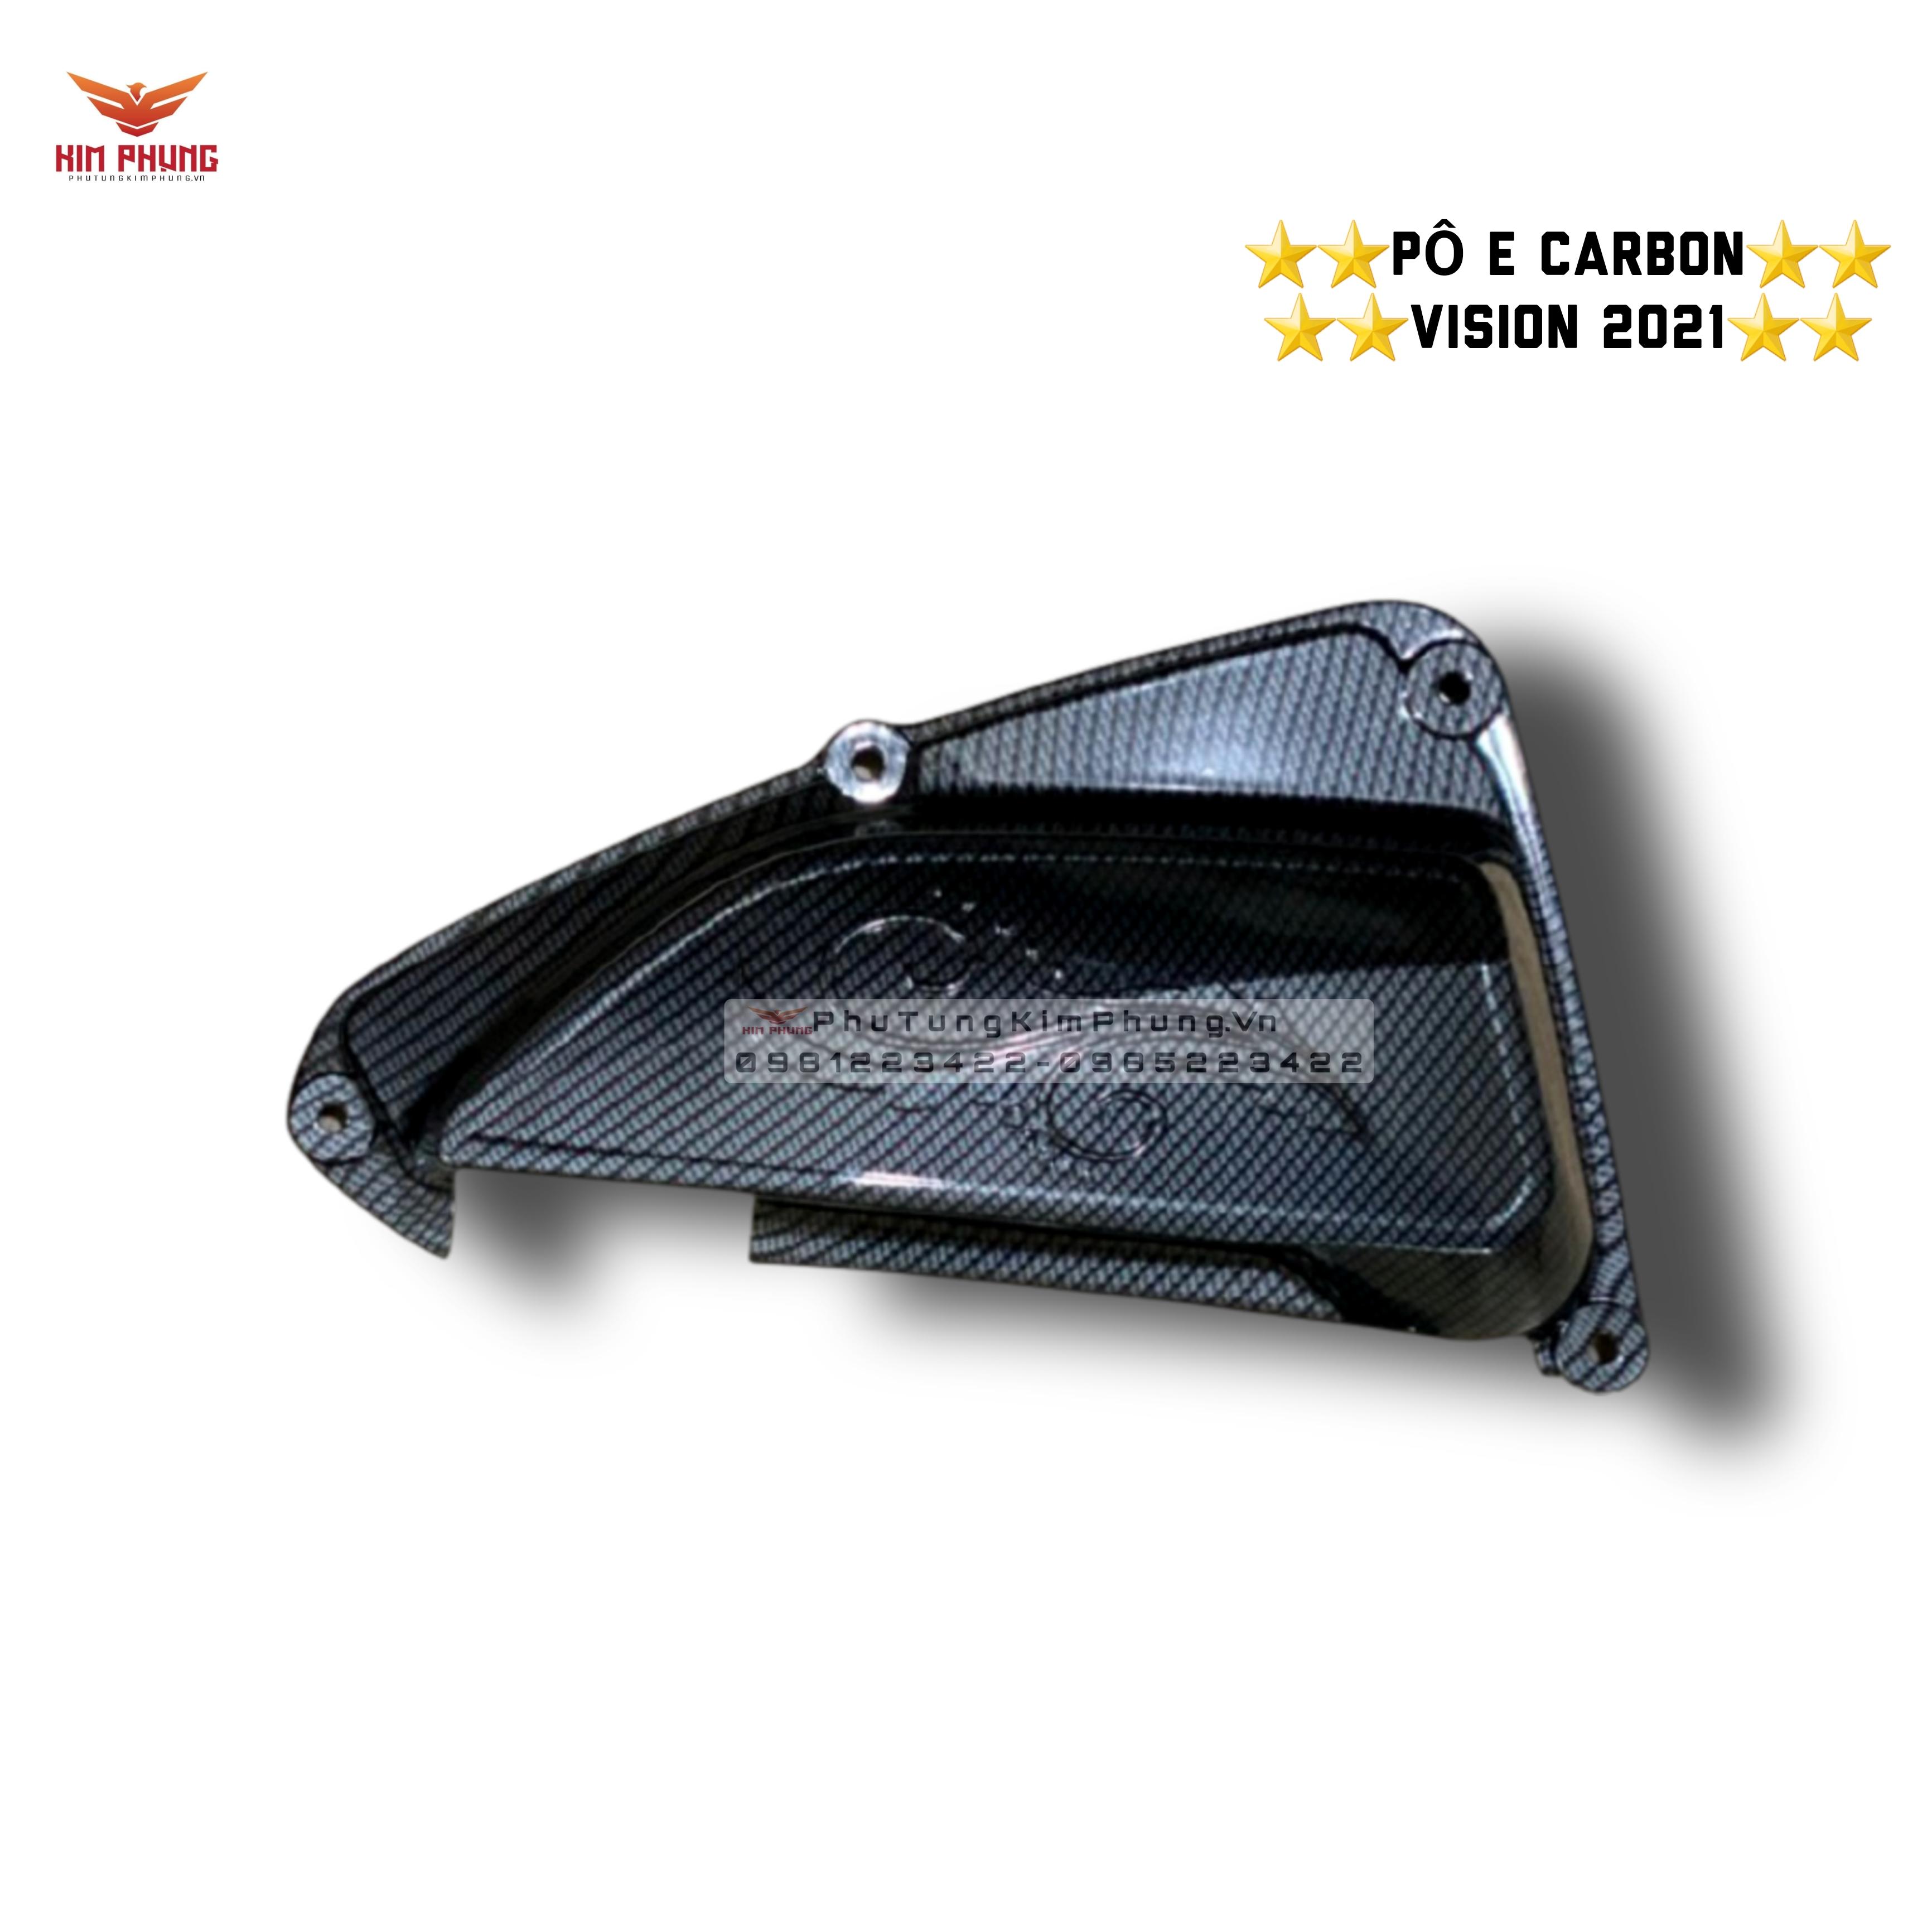 PÔ E CARBON VISION 2021